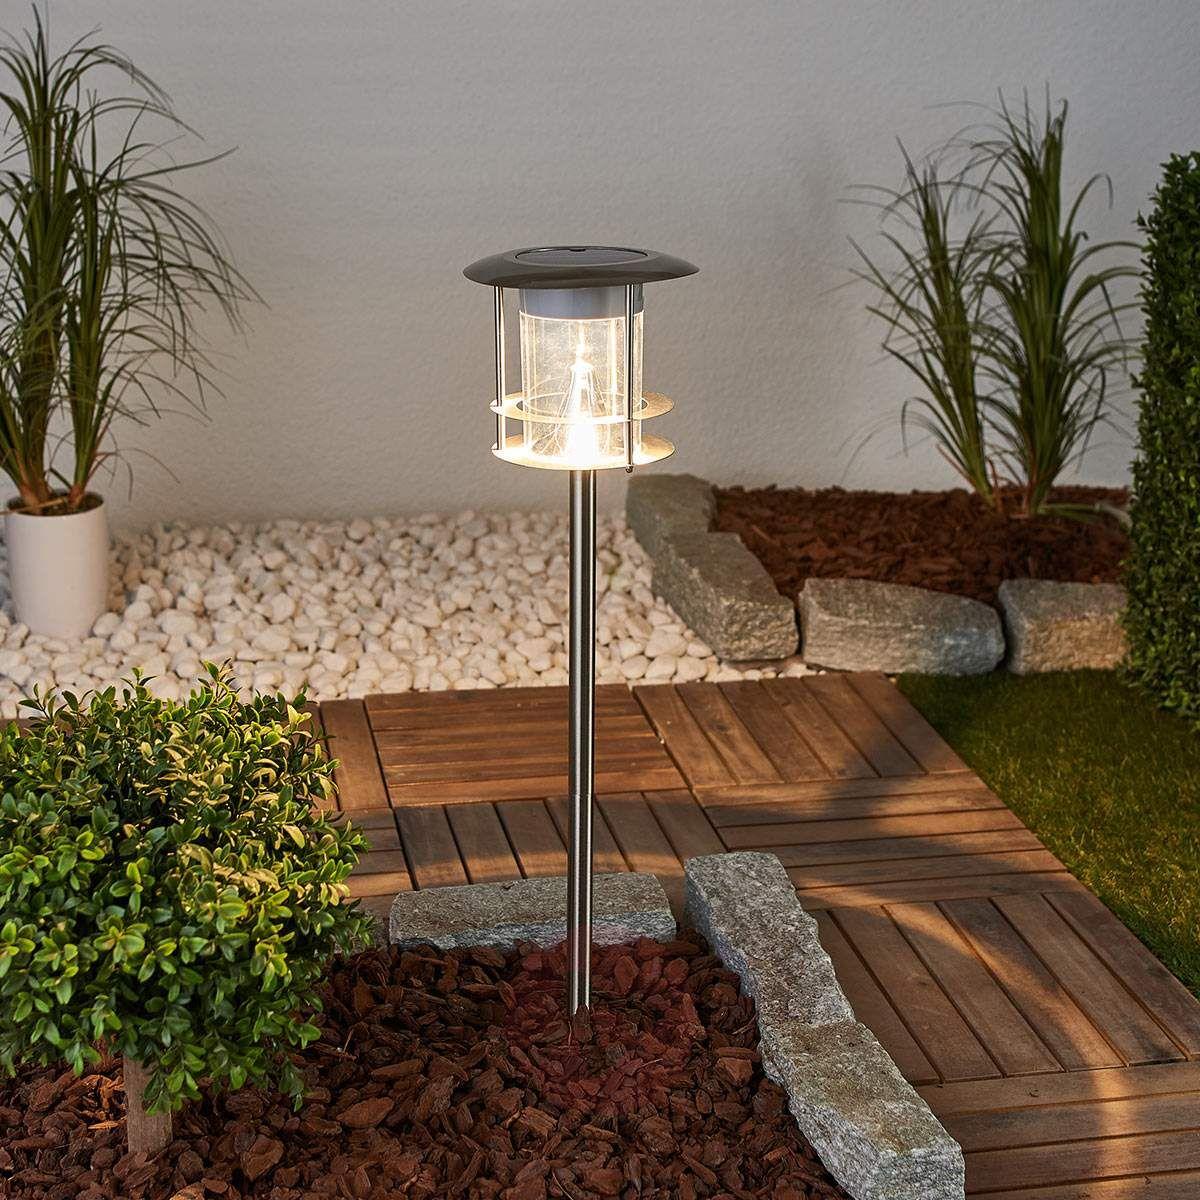 Solarna Lampa Z Grotem Ziemnym Led Brush Czujnik Lampy